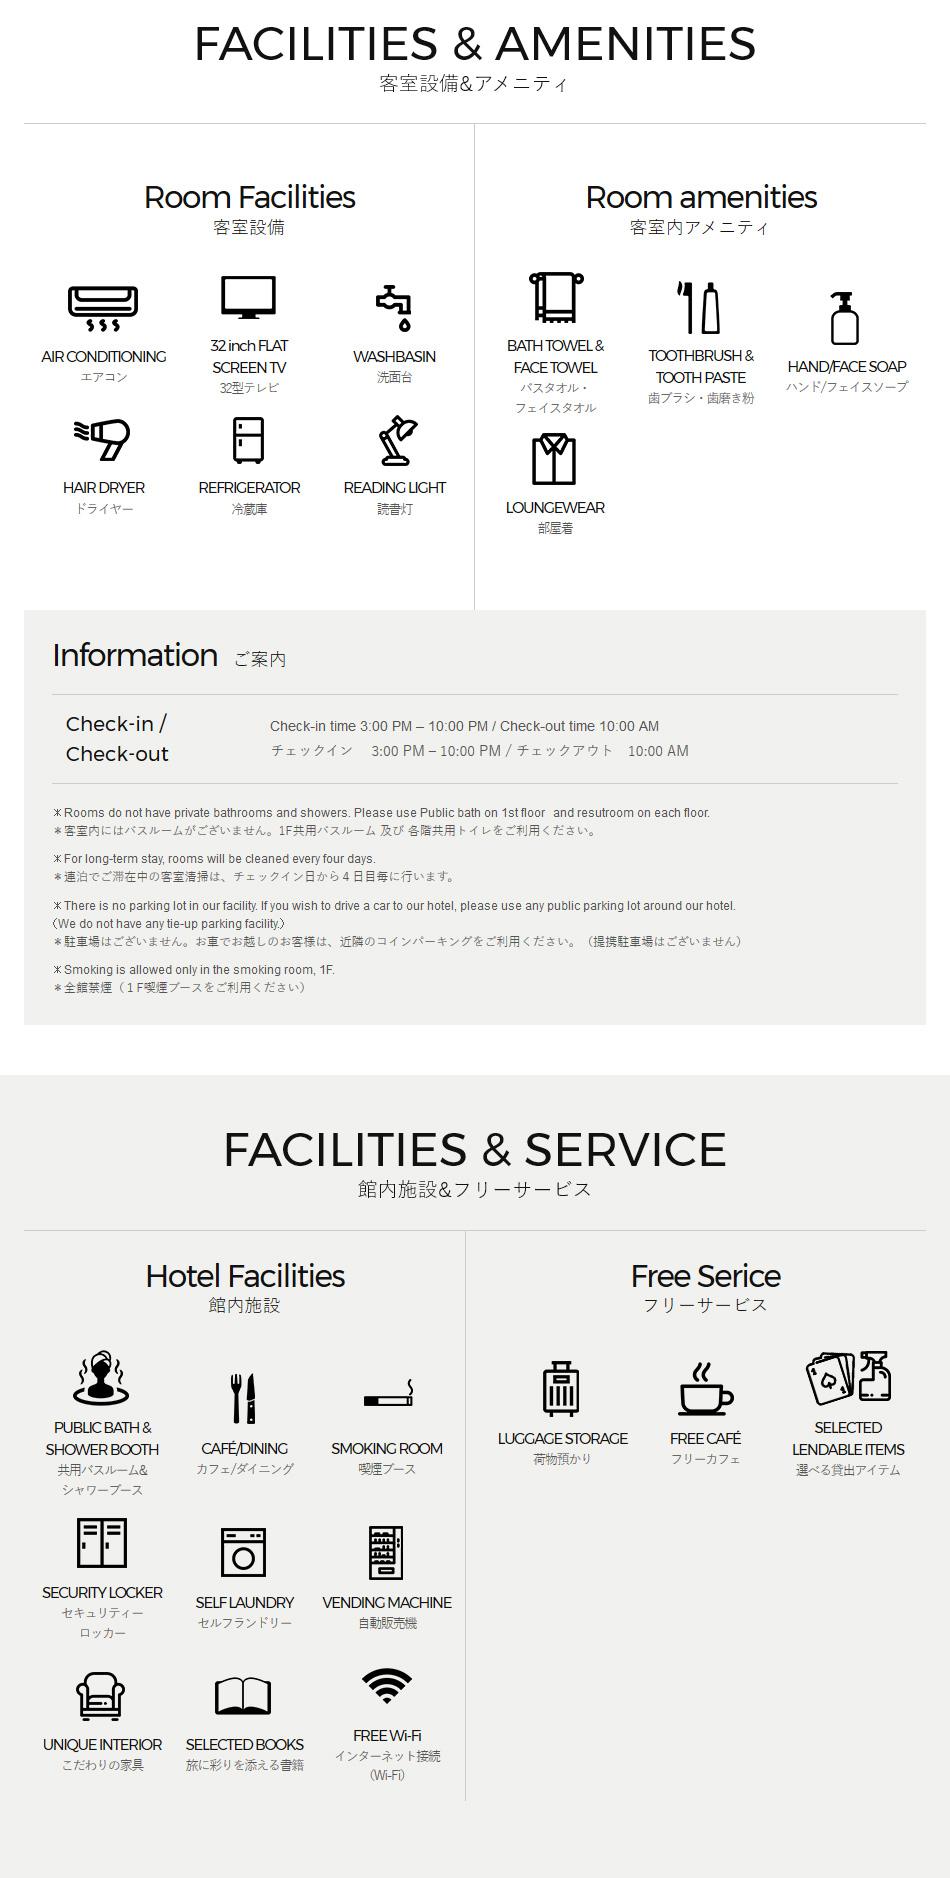 客室設備&アメニティ 館内施設&フリーサービス